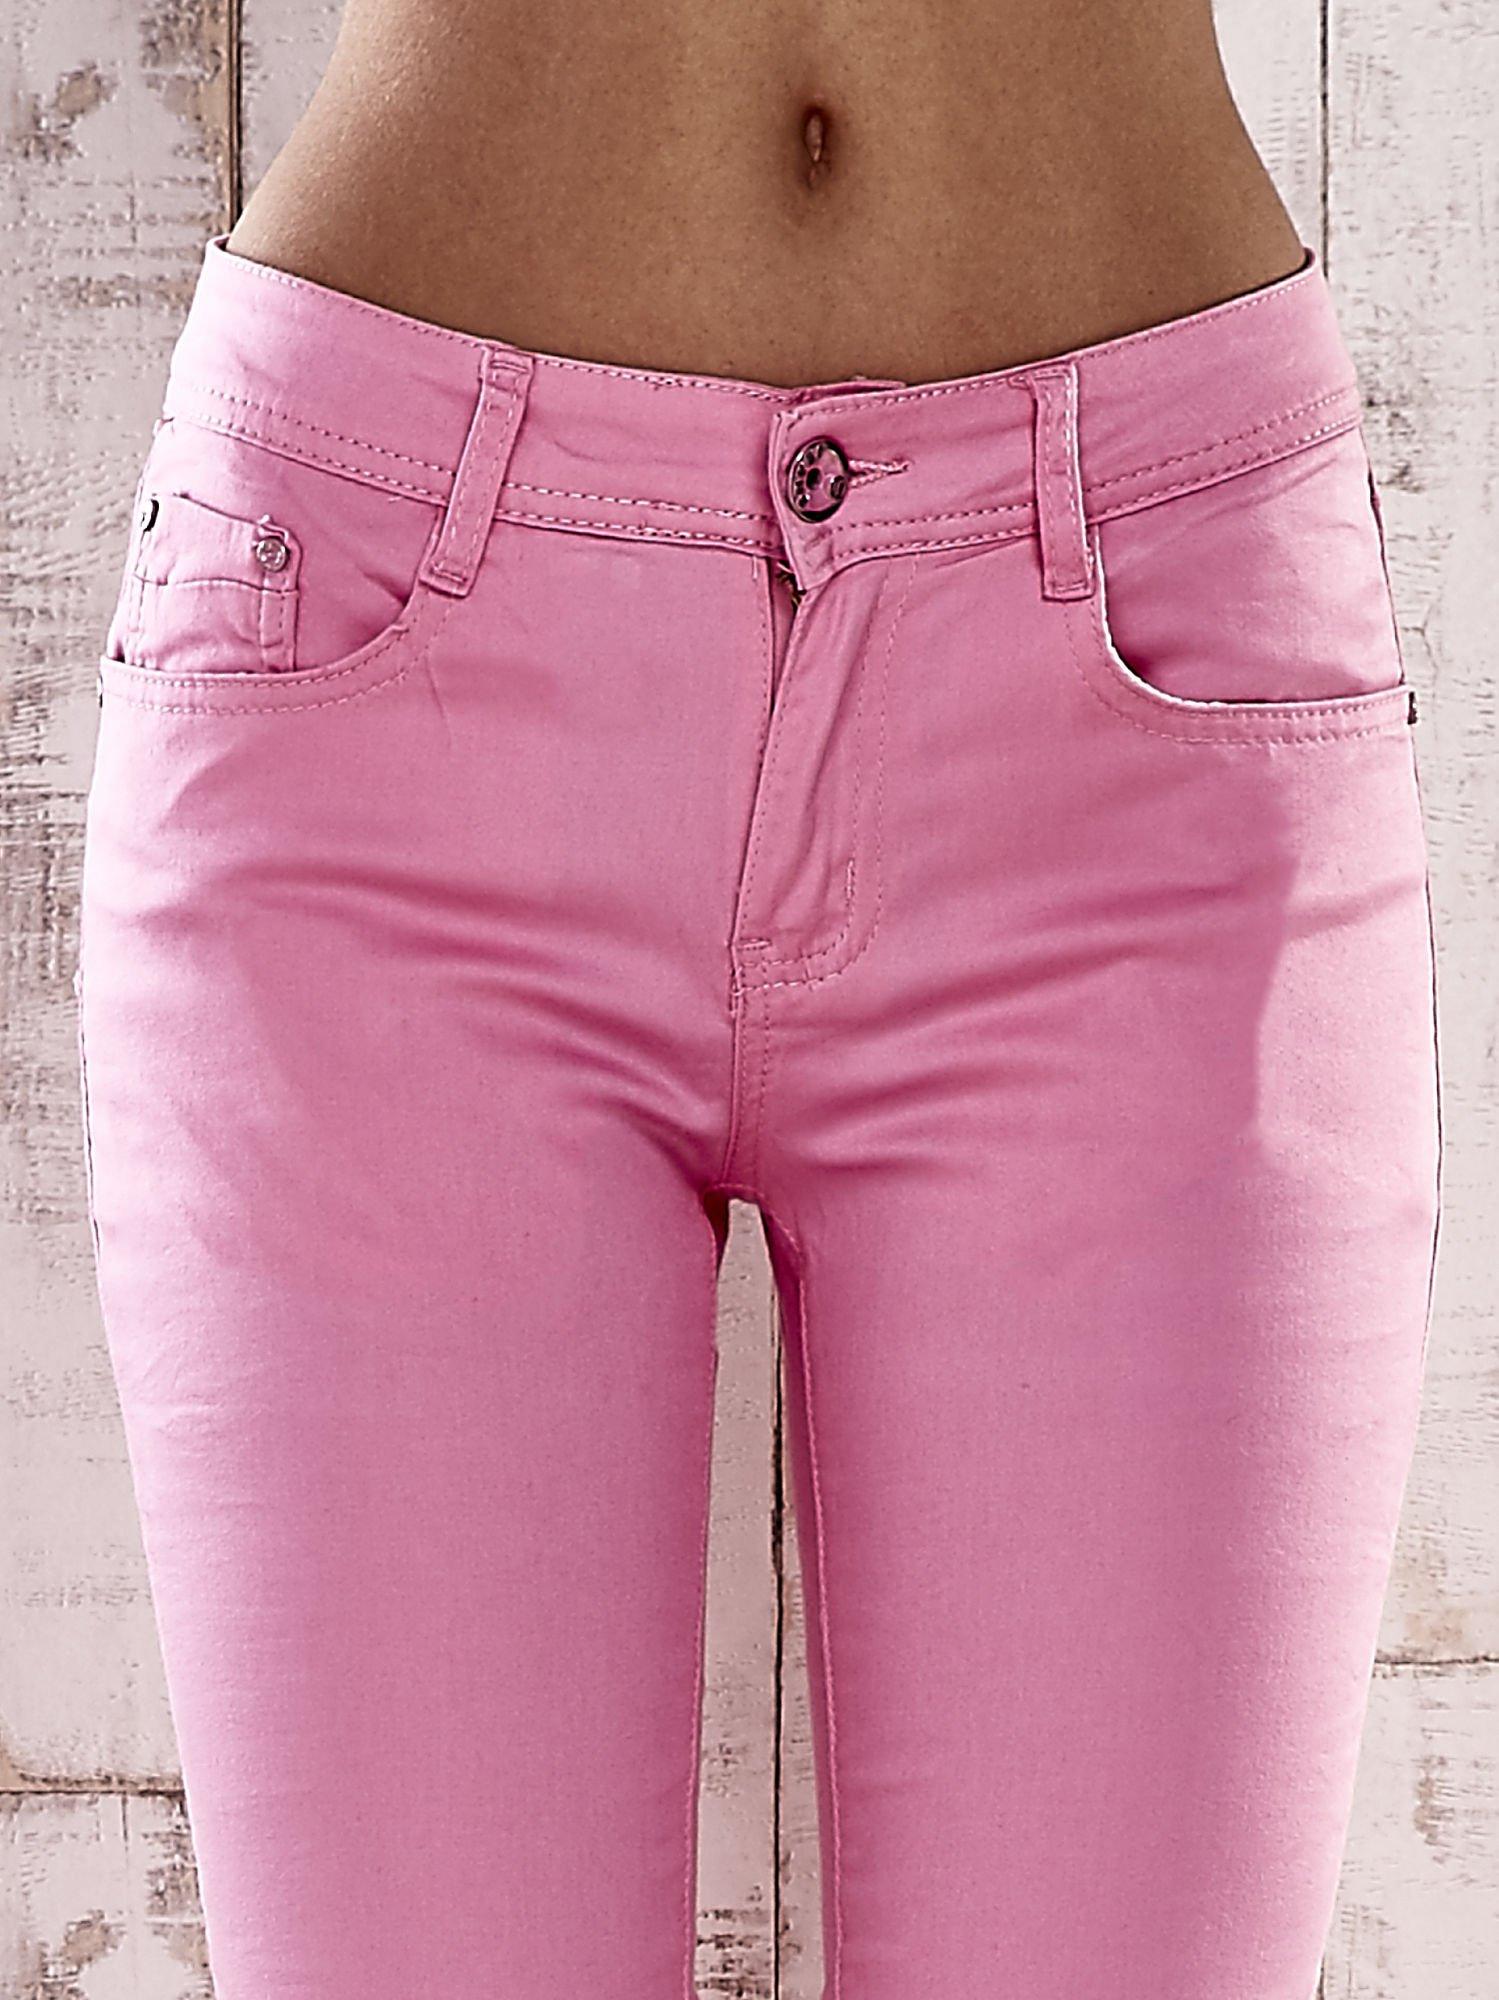 Różowe spodnie skinny jeans biodrówki                                  zdj.                                  4